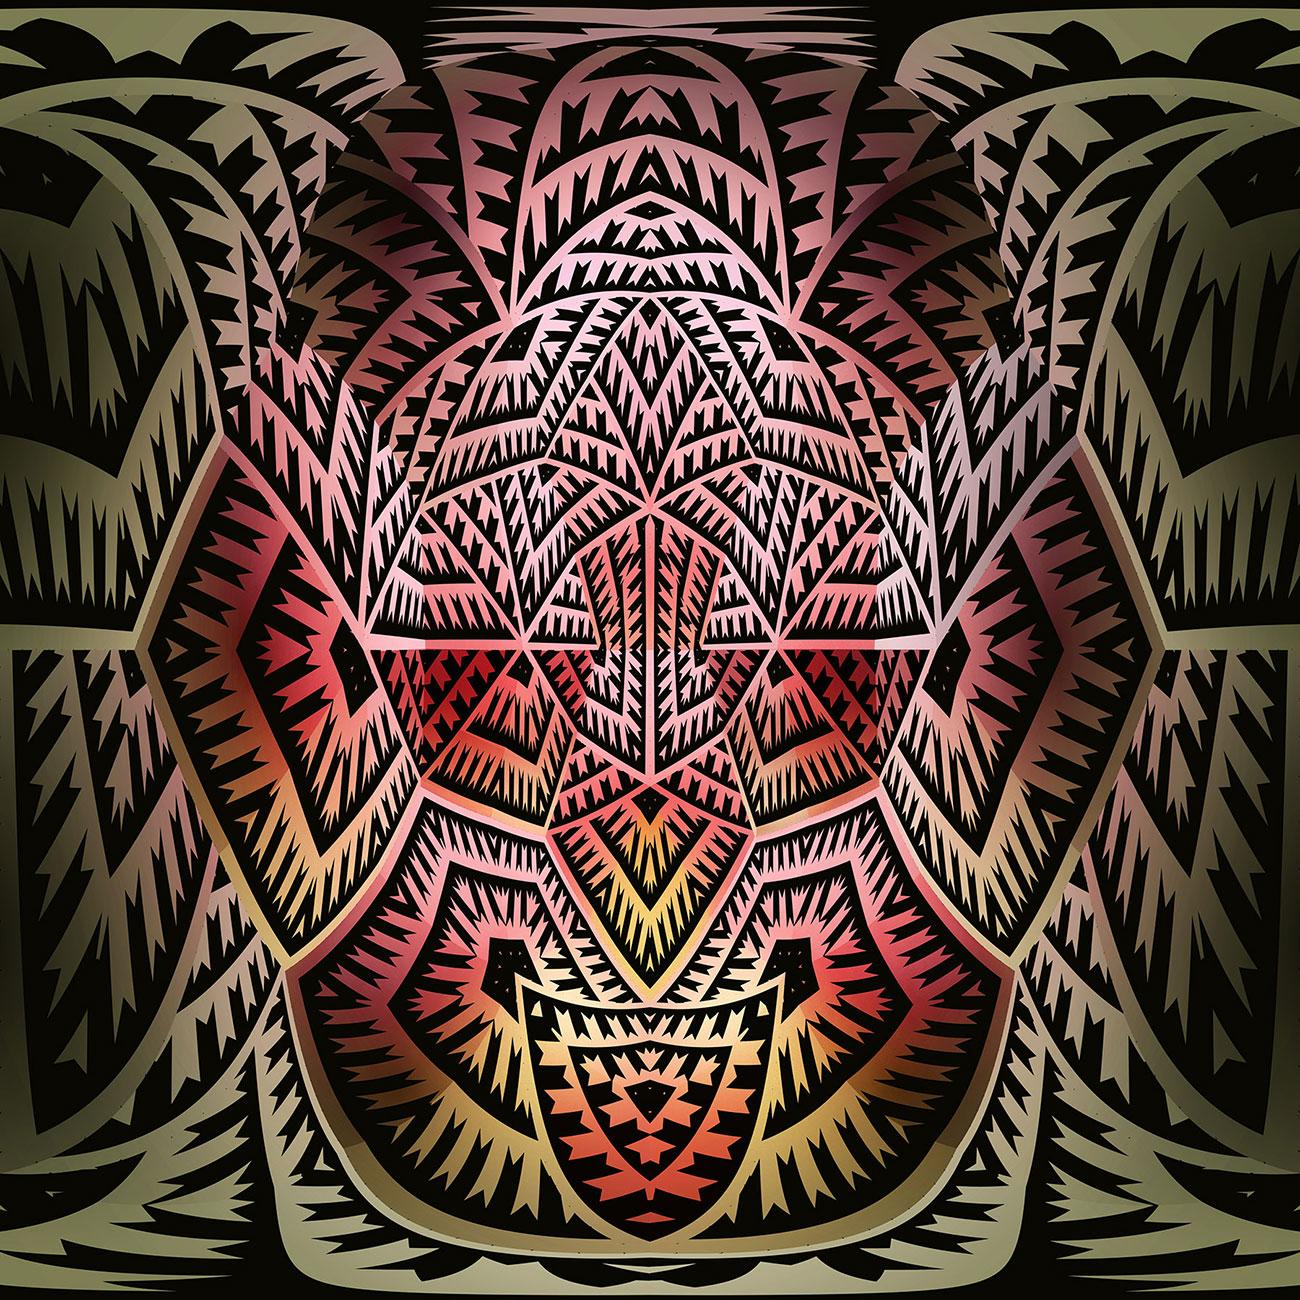 Devils Mask